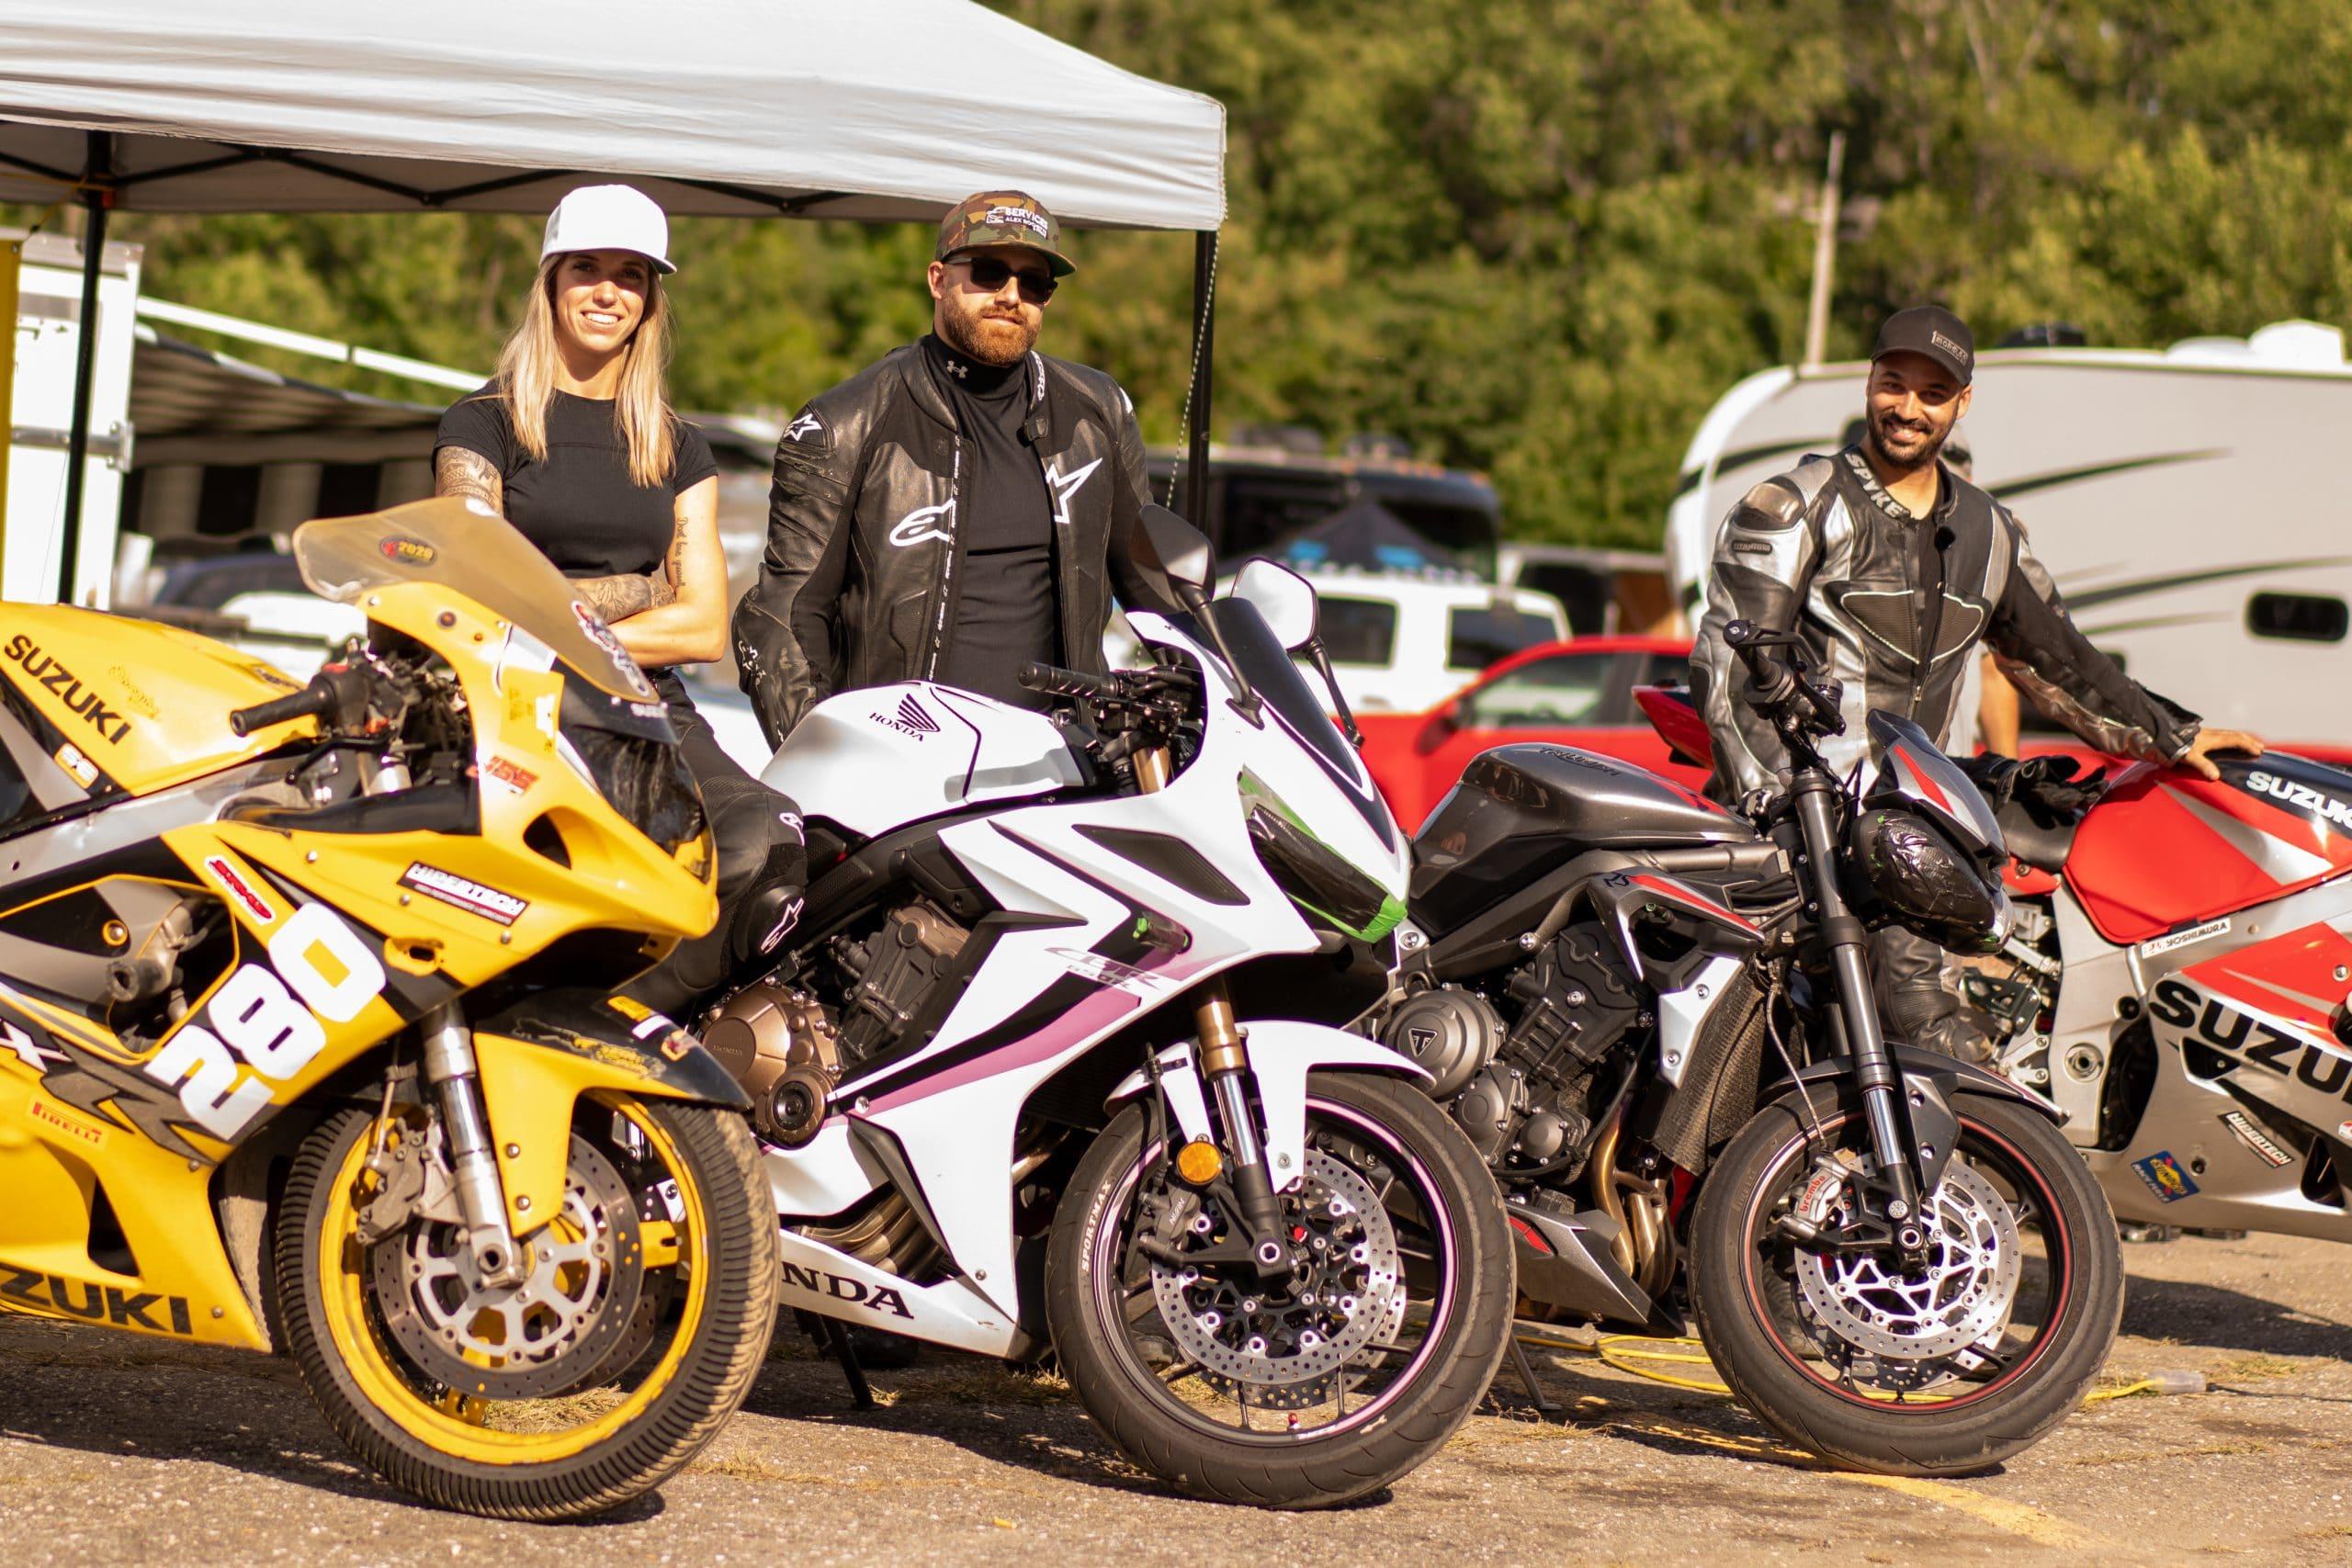 La moto sur piste est un tout autre univers qu'Alexanne a découvert ! Crédit photo : Clem's Pictures